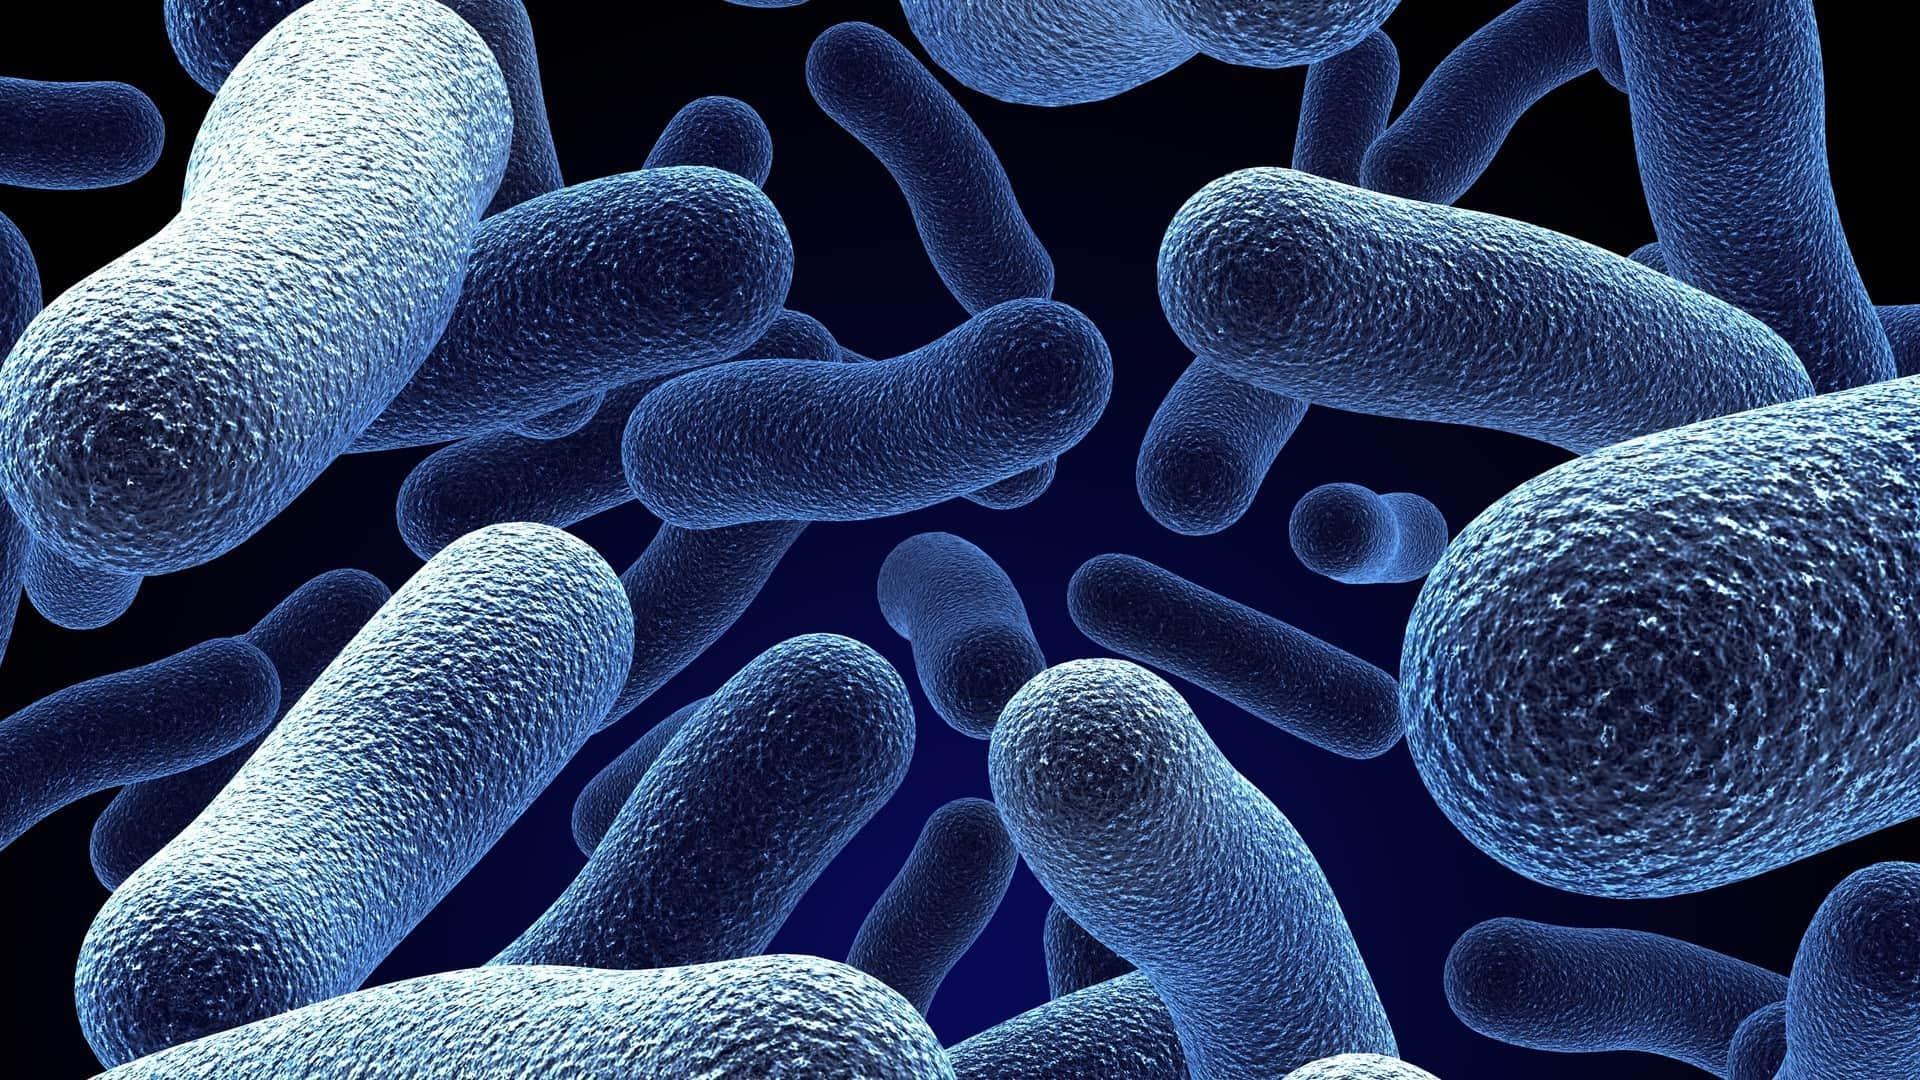 كيفية علاج بكتيريا البول عند السيدات بالأعشاب